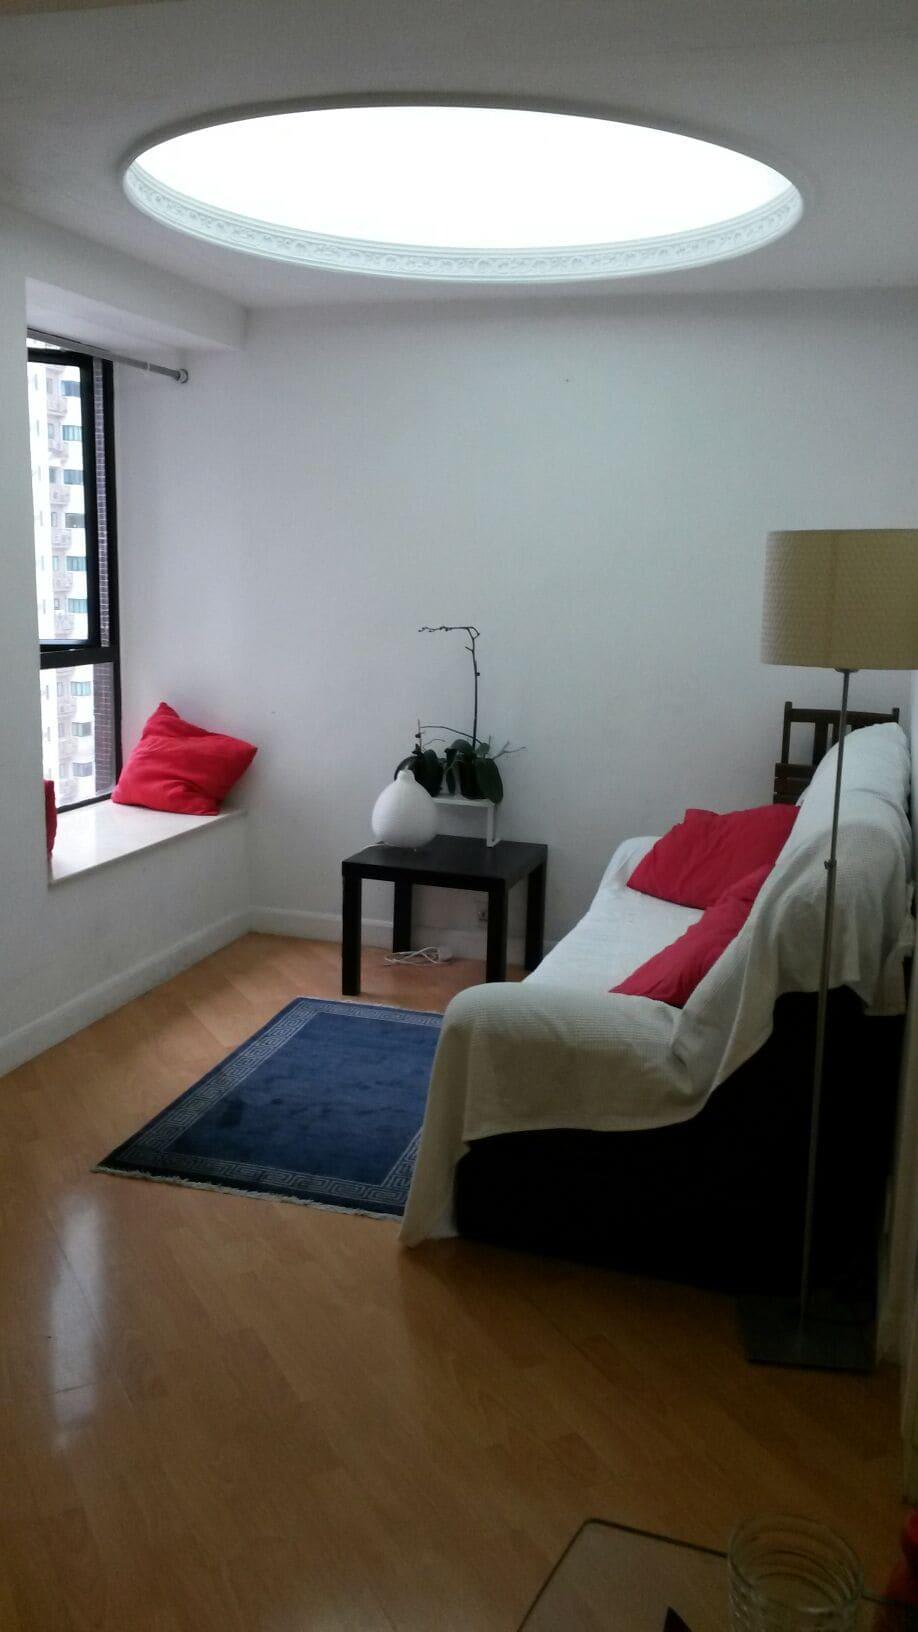 Quiet bedroom in the center of HK